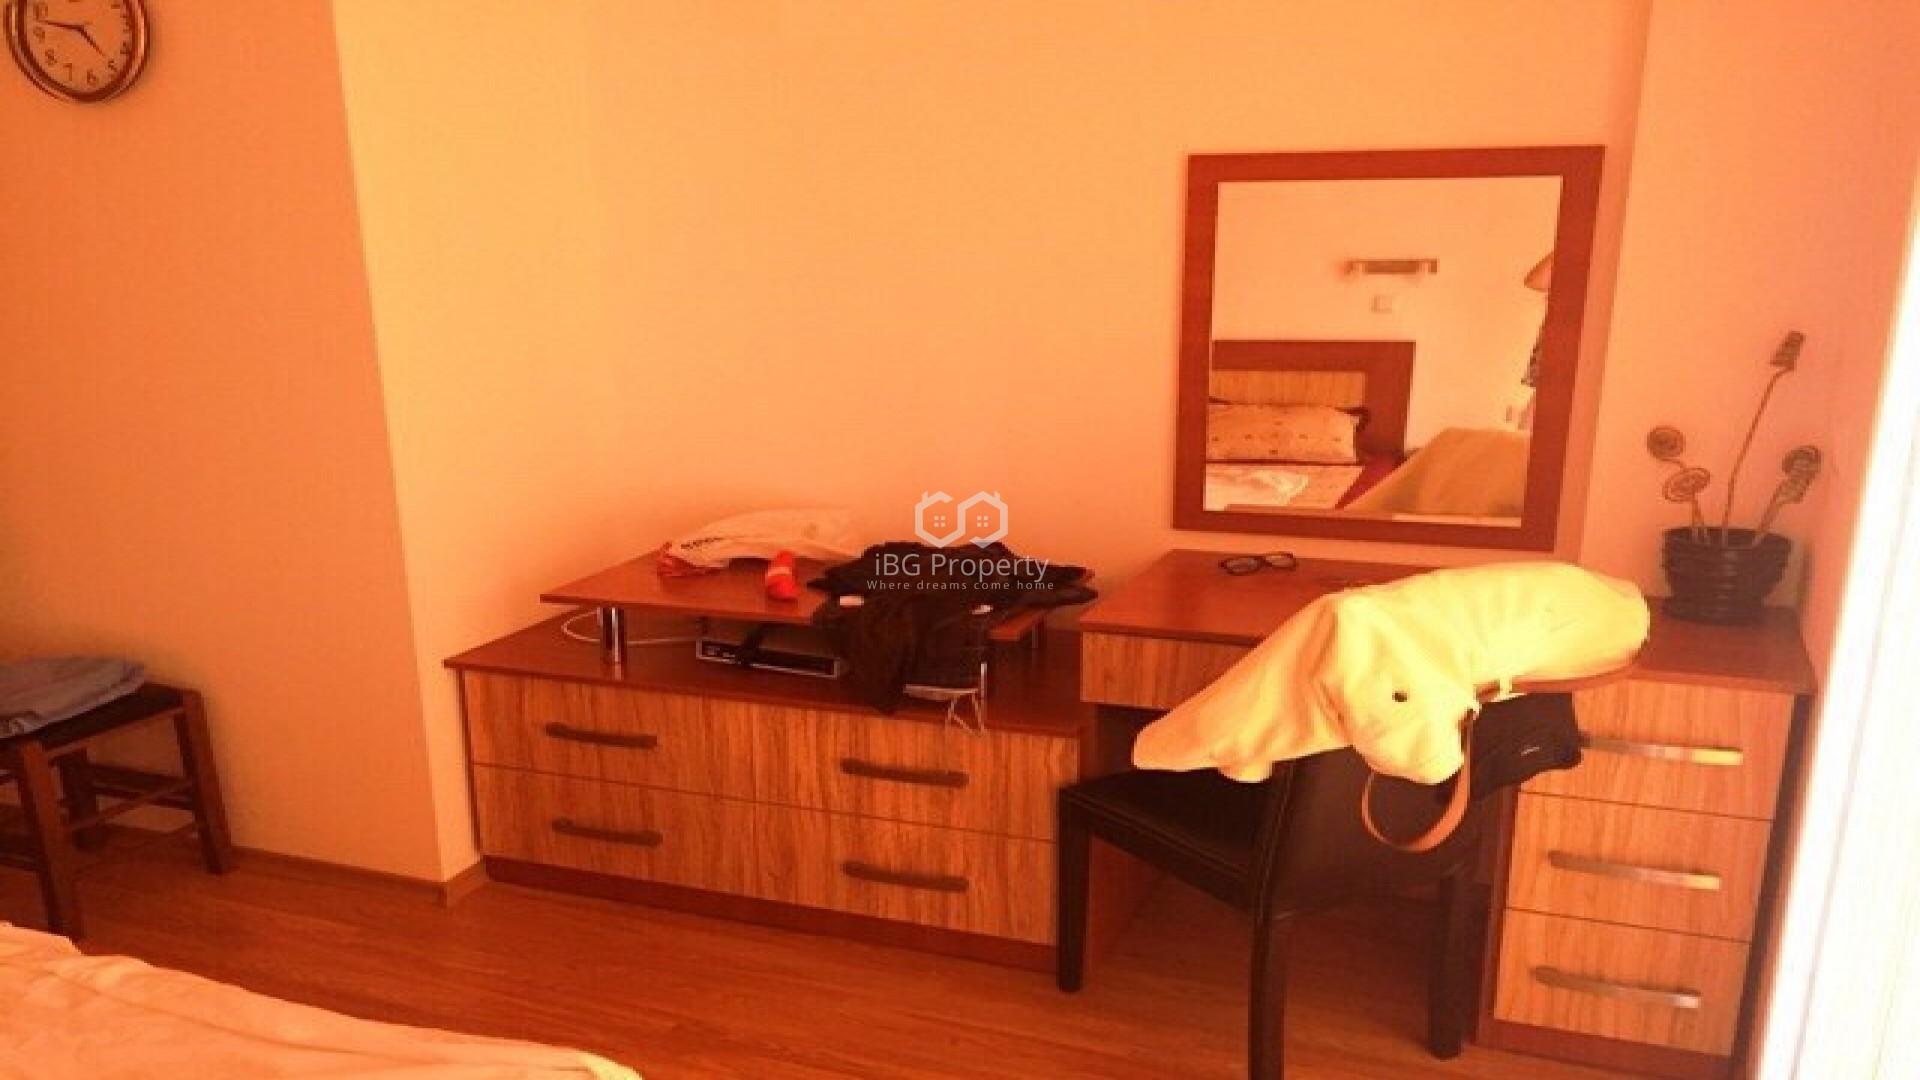 Tристаен апартамент Свети Влас   94 m2